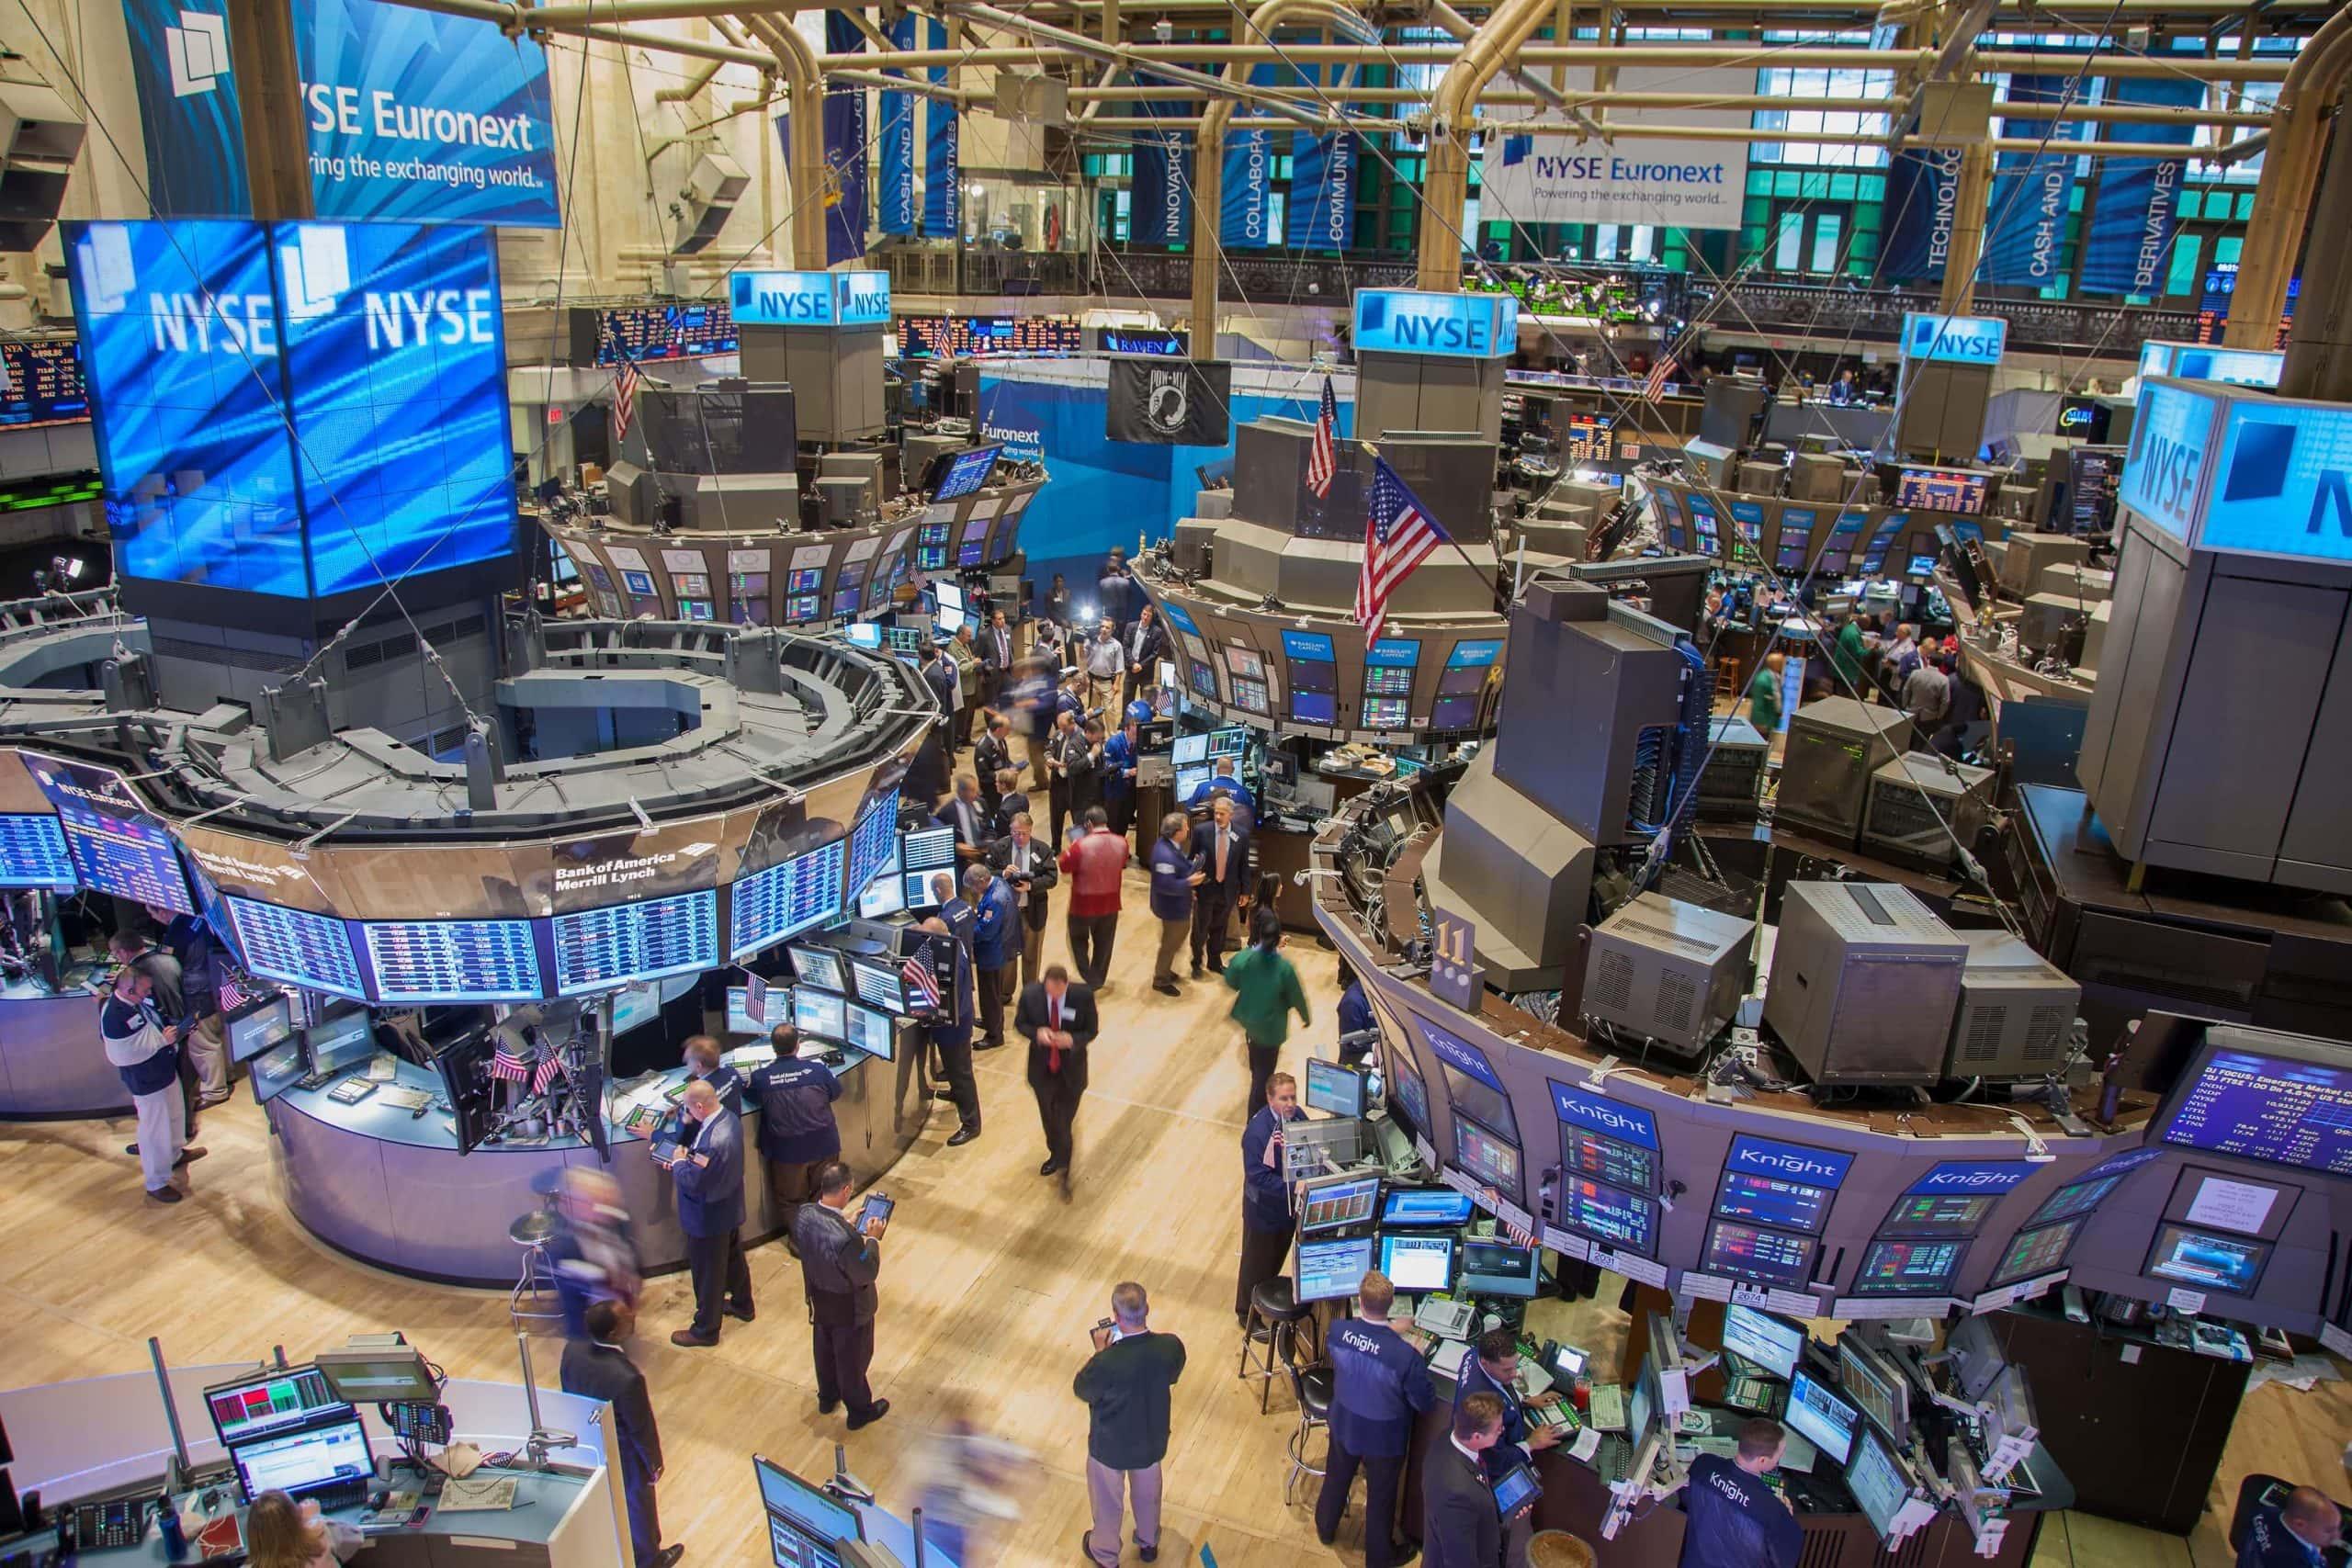 Die New Yorker Wall Street als Symbolbild für Krypto-Hedgefonds.